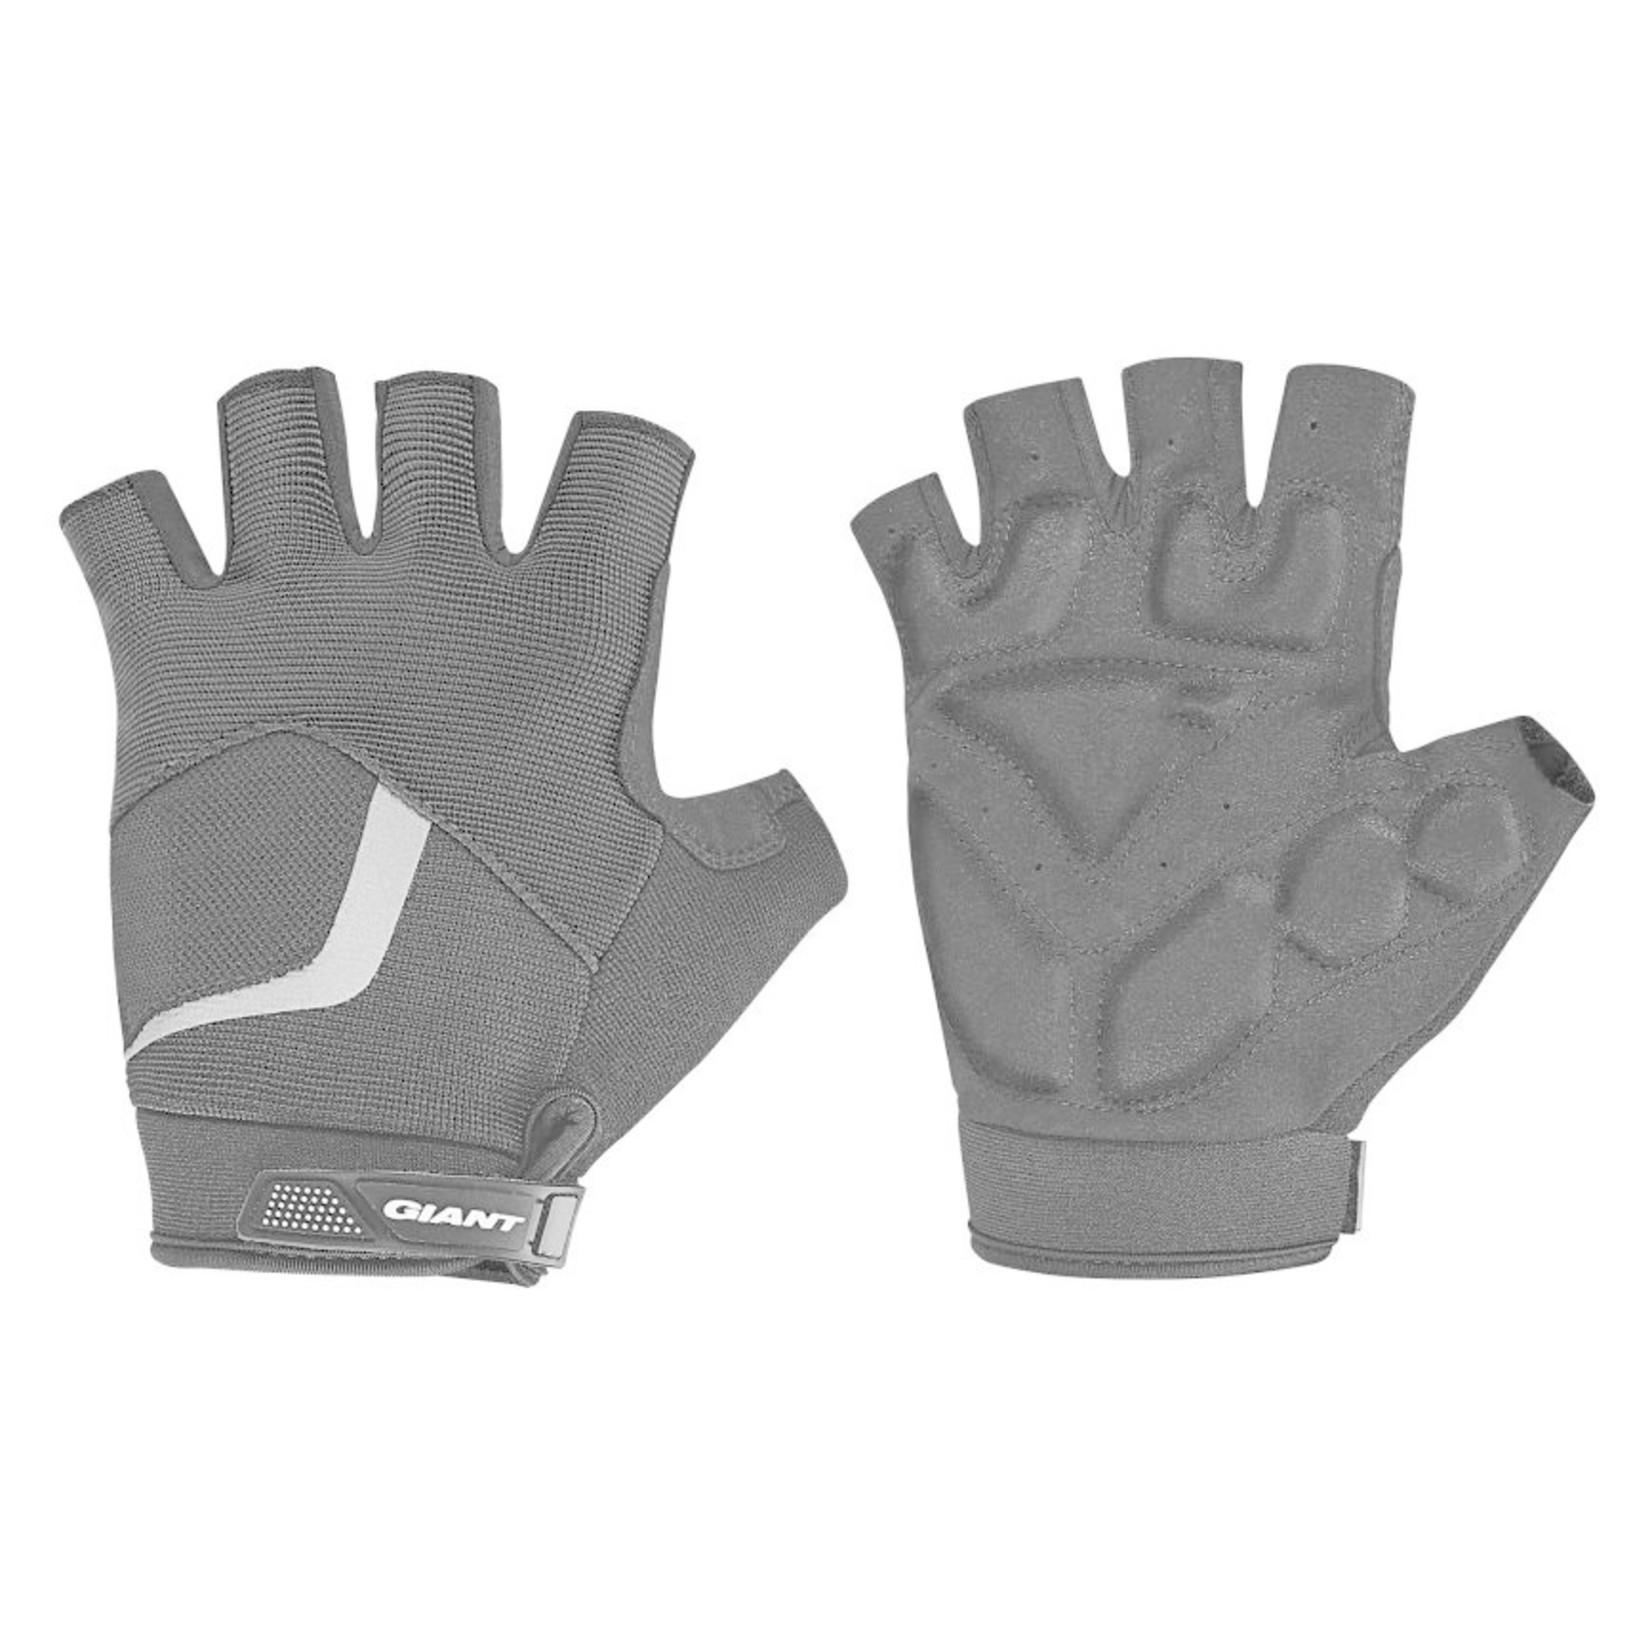 Giant Giant Bike Gloves, Rival Short Finger